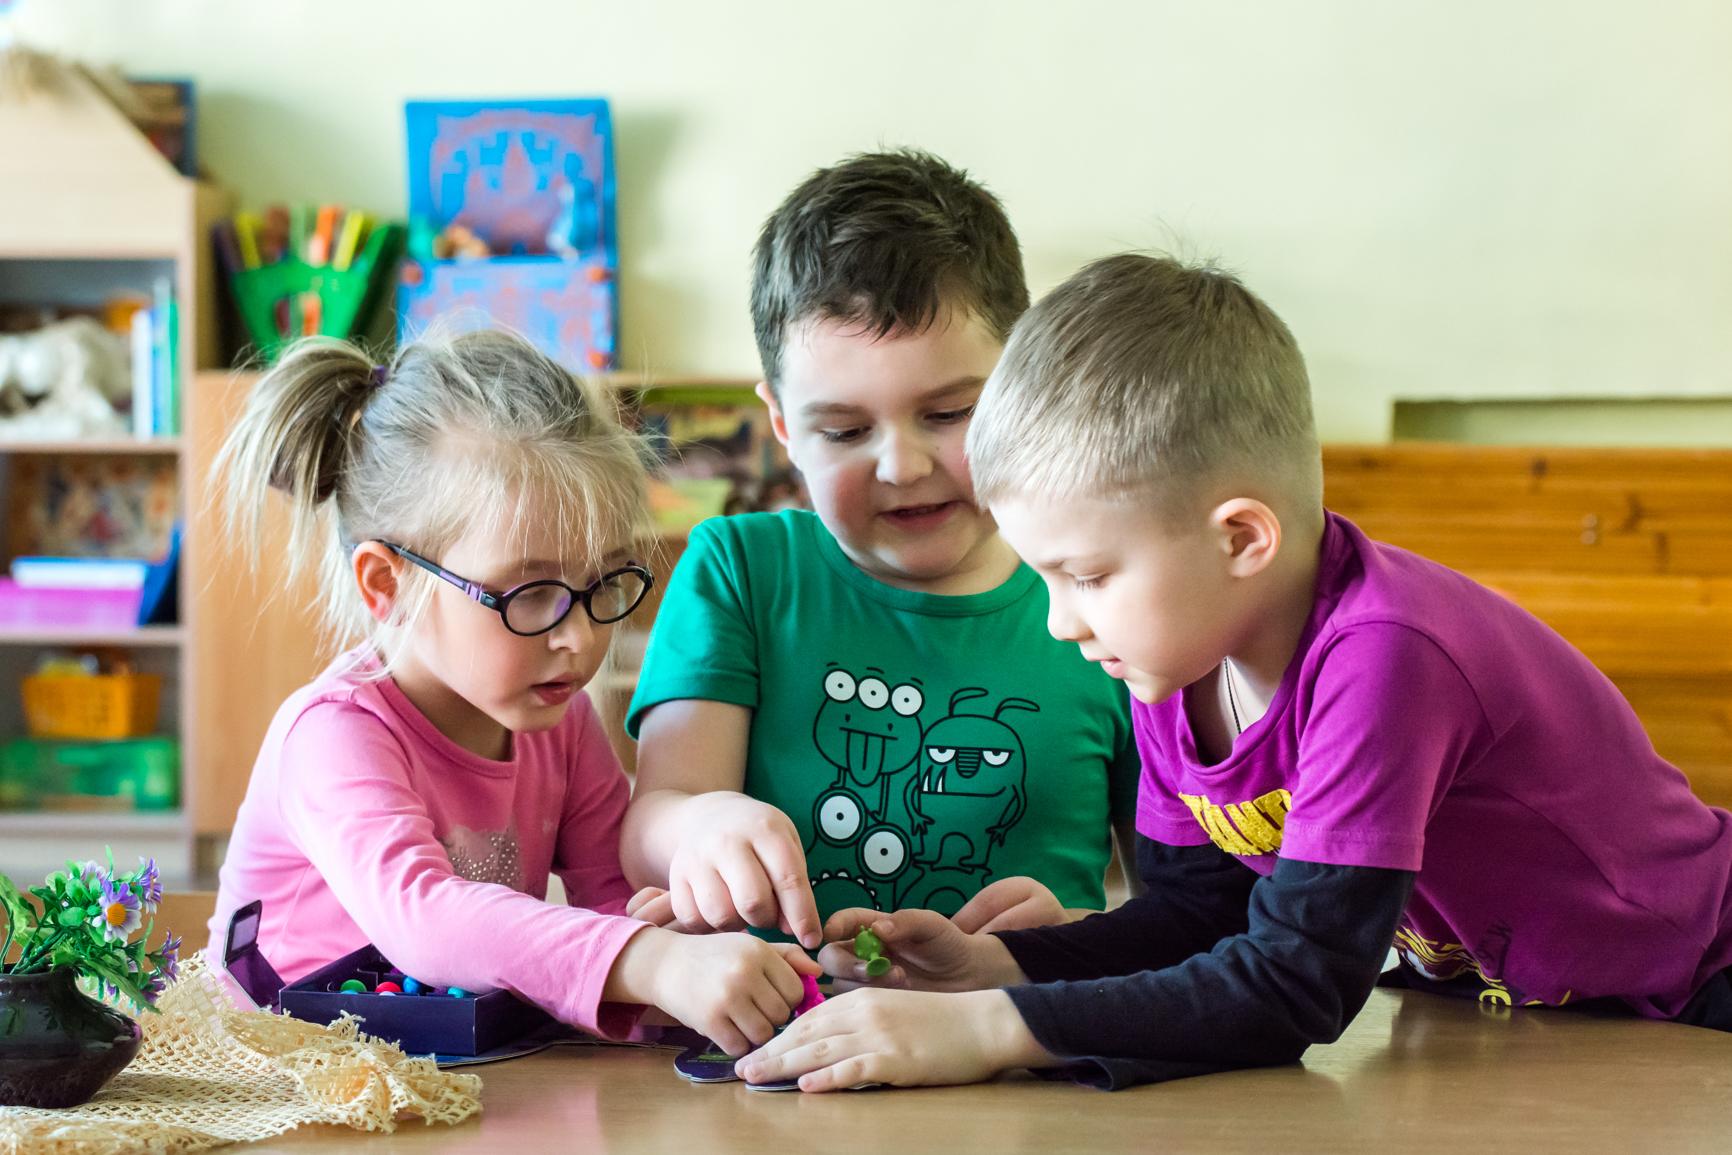 #фоторепортаж, #детский_сад, #день_в_детском саду, #фоторепортаж_дня_в_детском_саду, #фотосъёмка_в_детском_саду, #фотограф_в_детский_сад, #фотограф_минск, #детский_фотограф